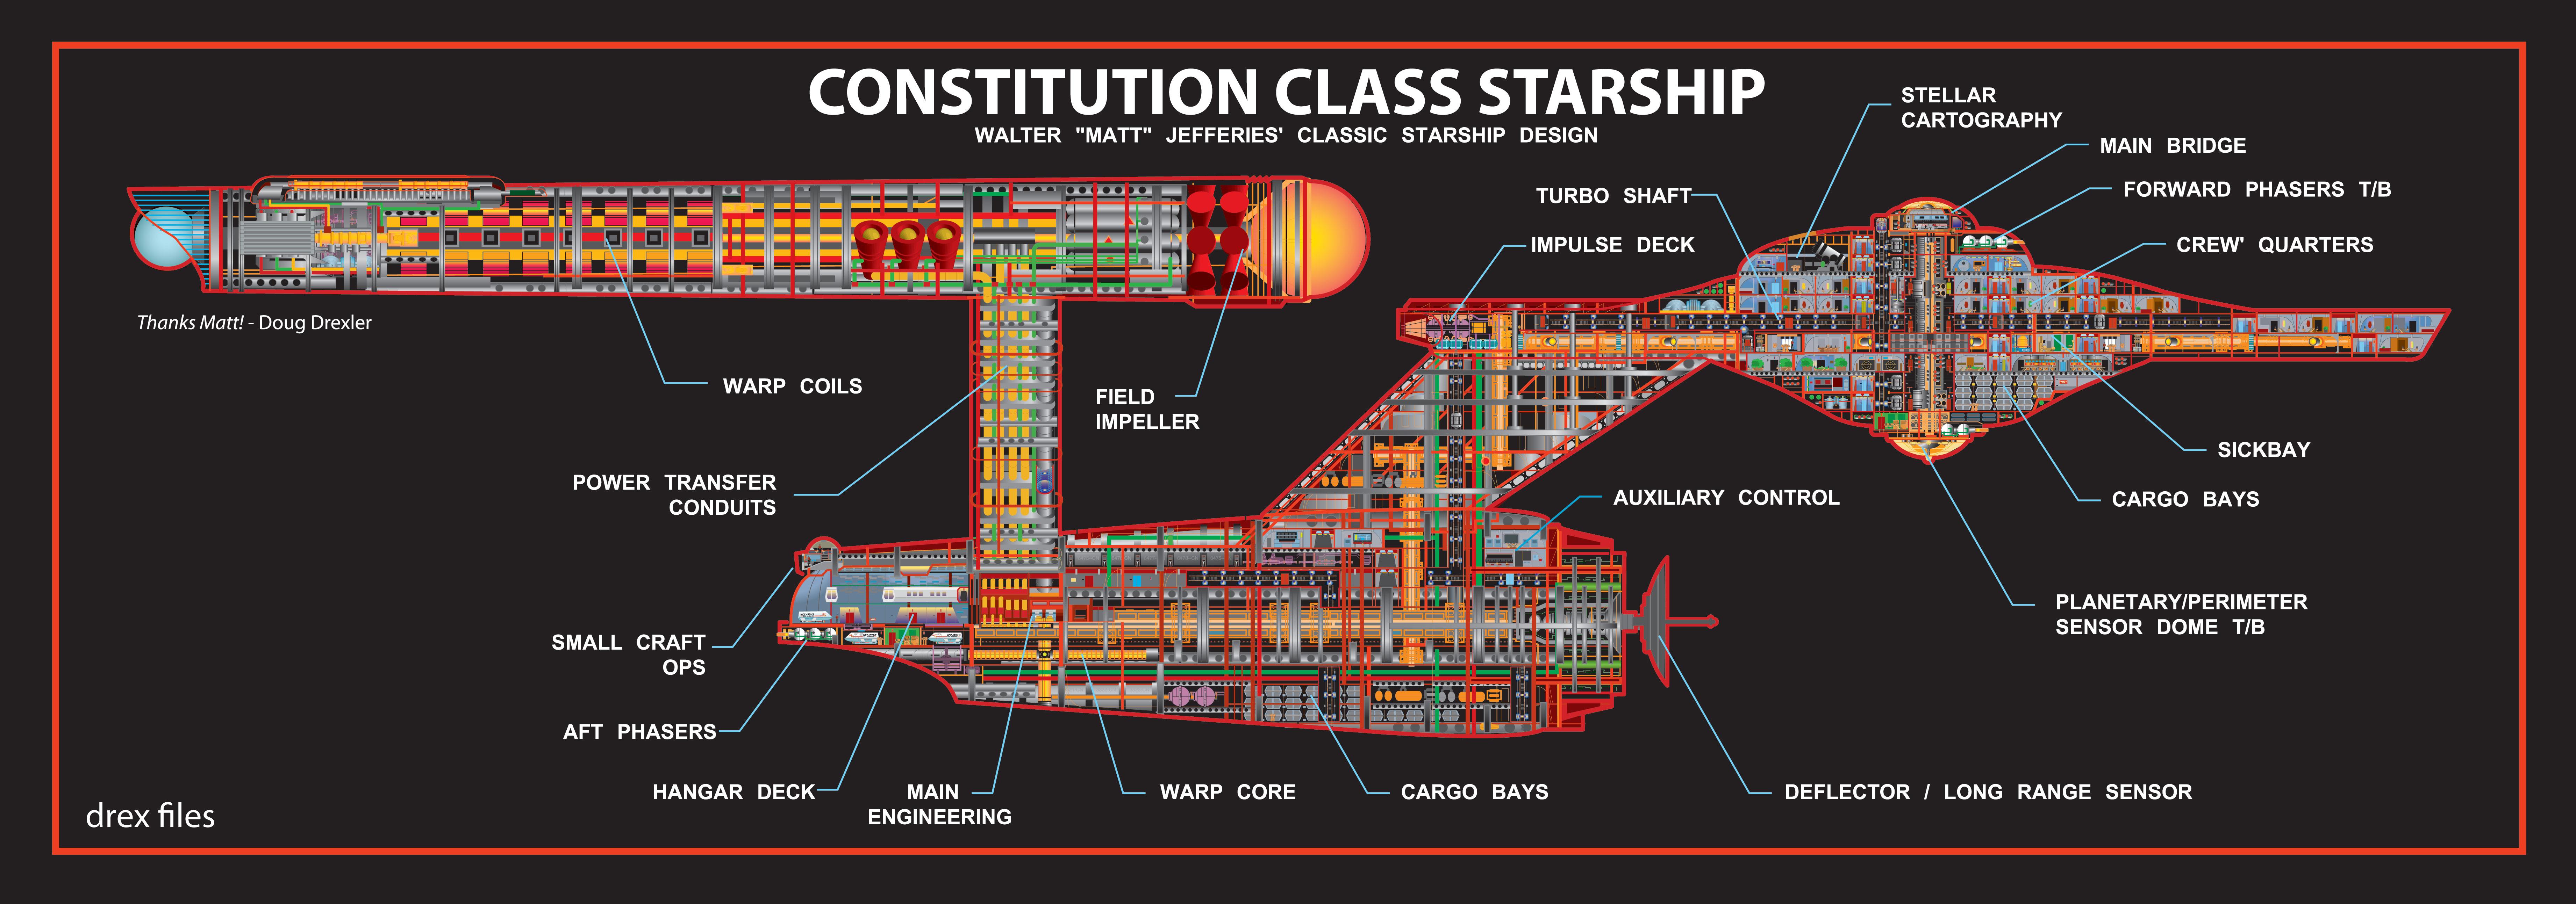 various interiour pics USS Enterprise image Space Ship